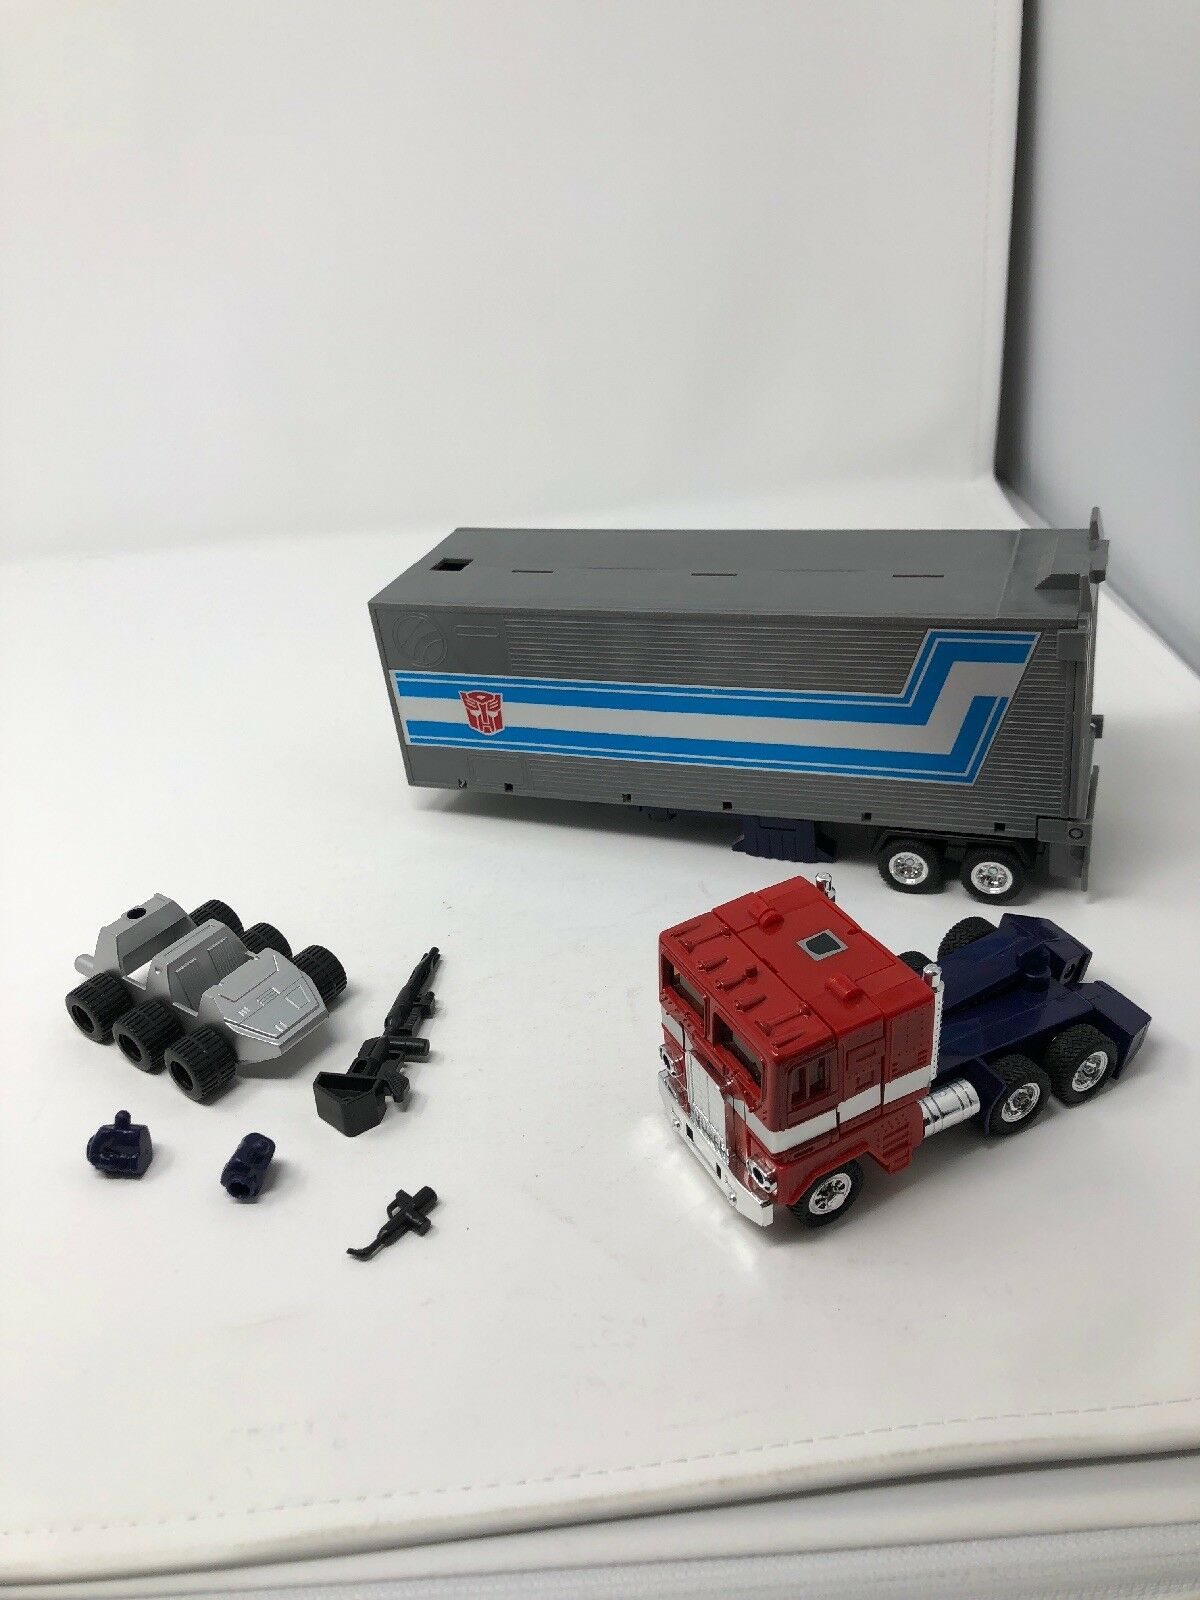 Transformers Optimus Prime Commemorative Series Reissue